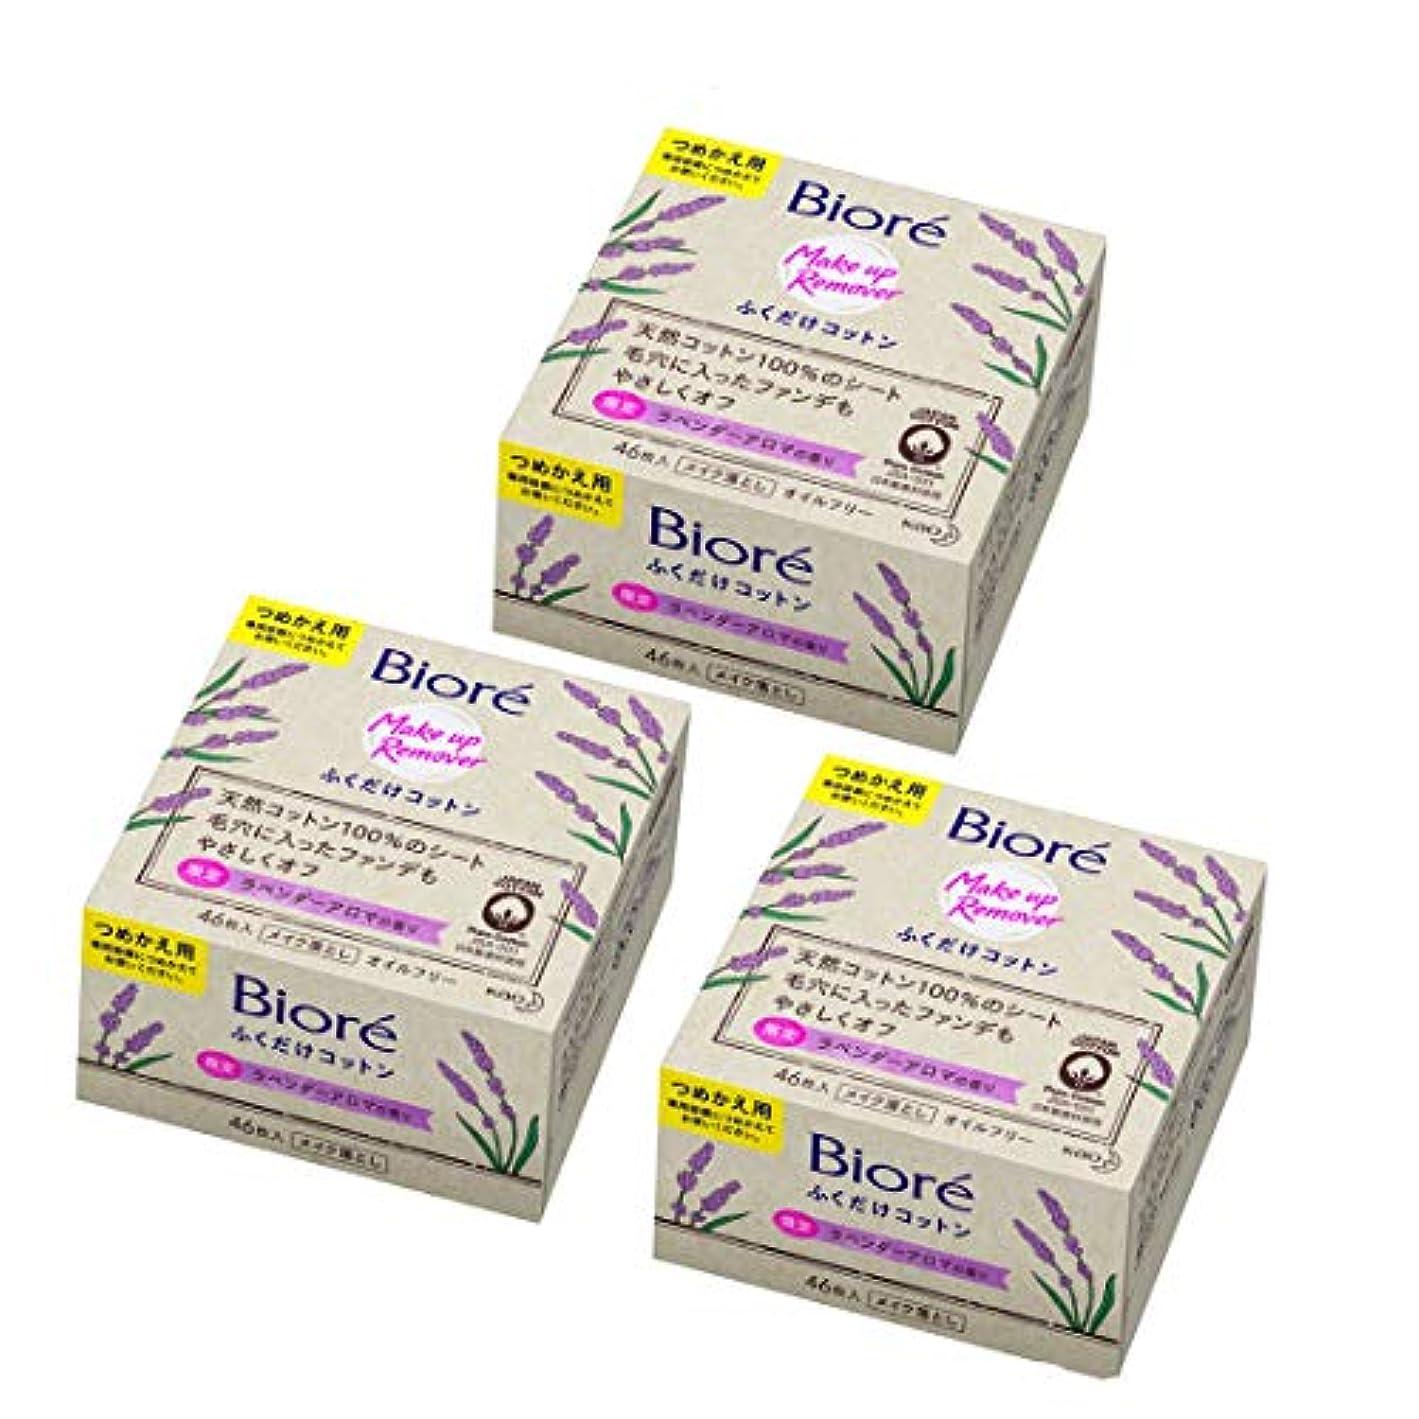 【まとめ買い】 花王 ビオレ ふくだけコットン ラベンダーアロマの香り 詰替用 46枚入 ×3個